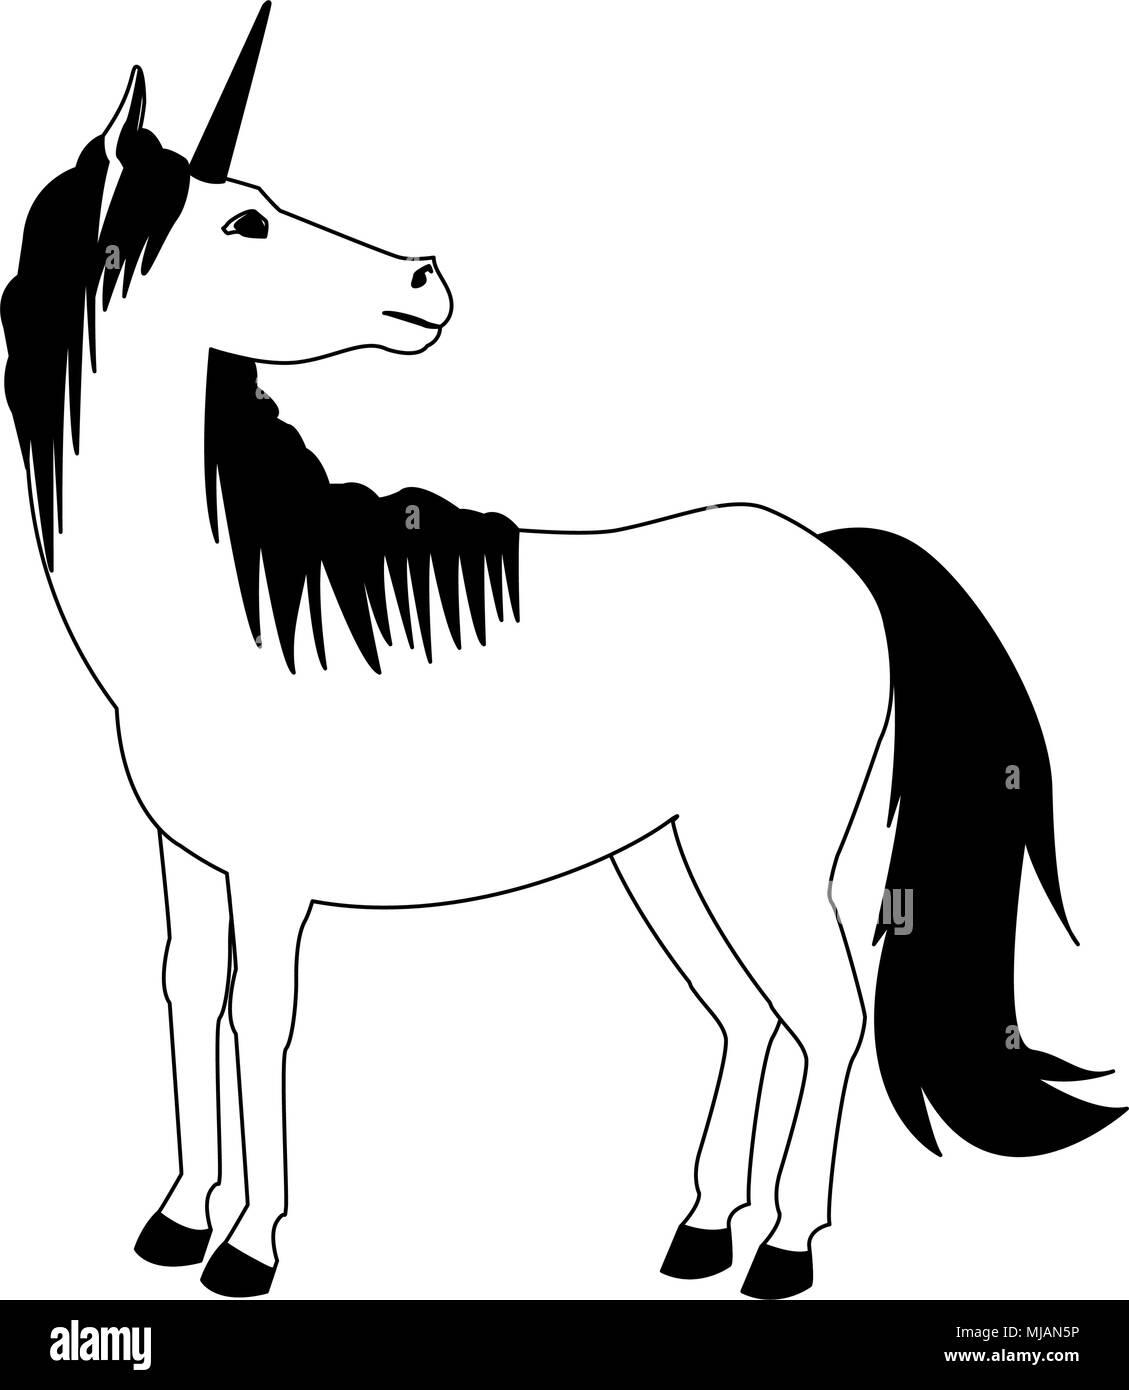 Cartoon Unicorn Black And White Stock Photos Amp Images Alamy